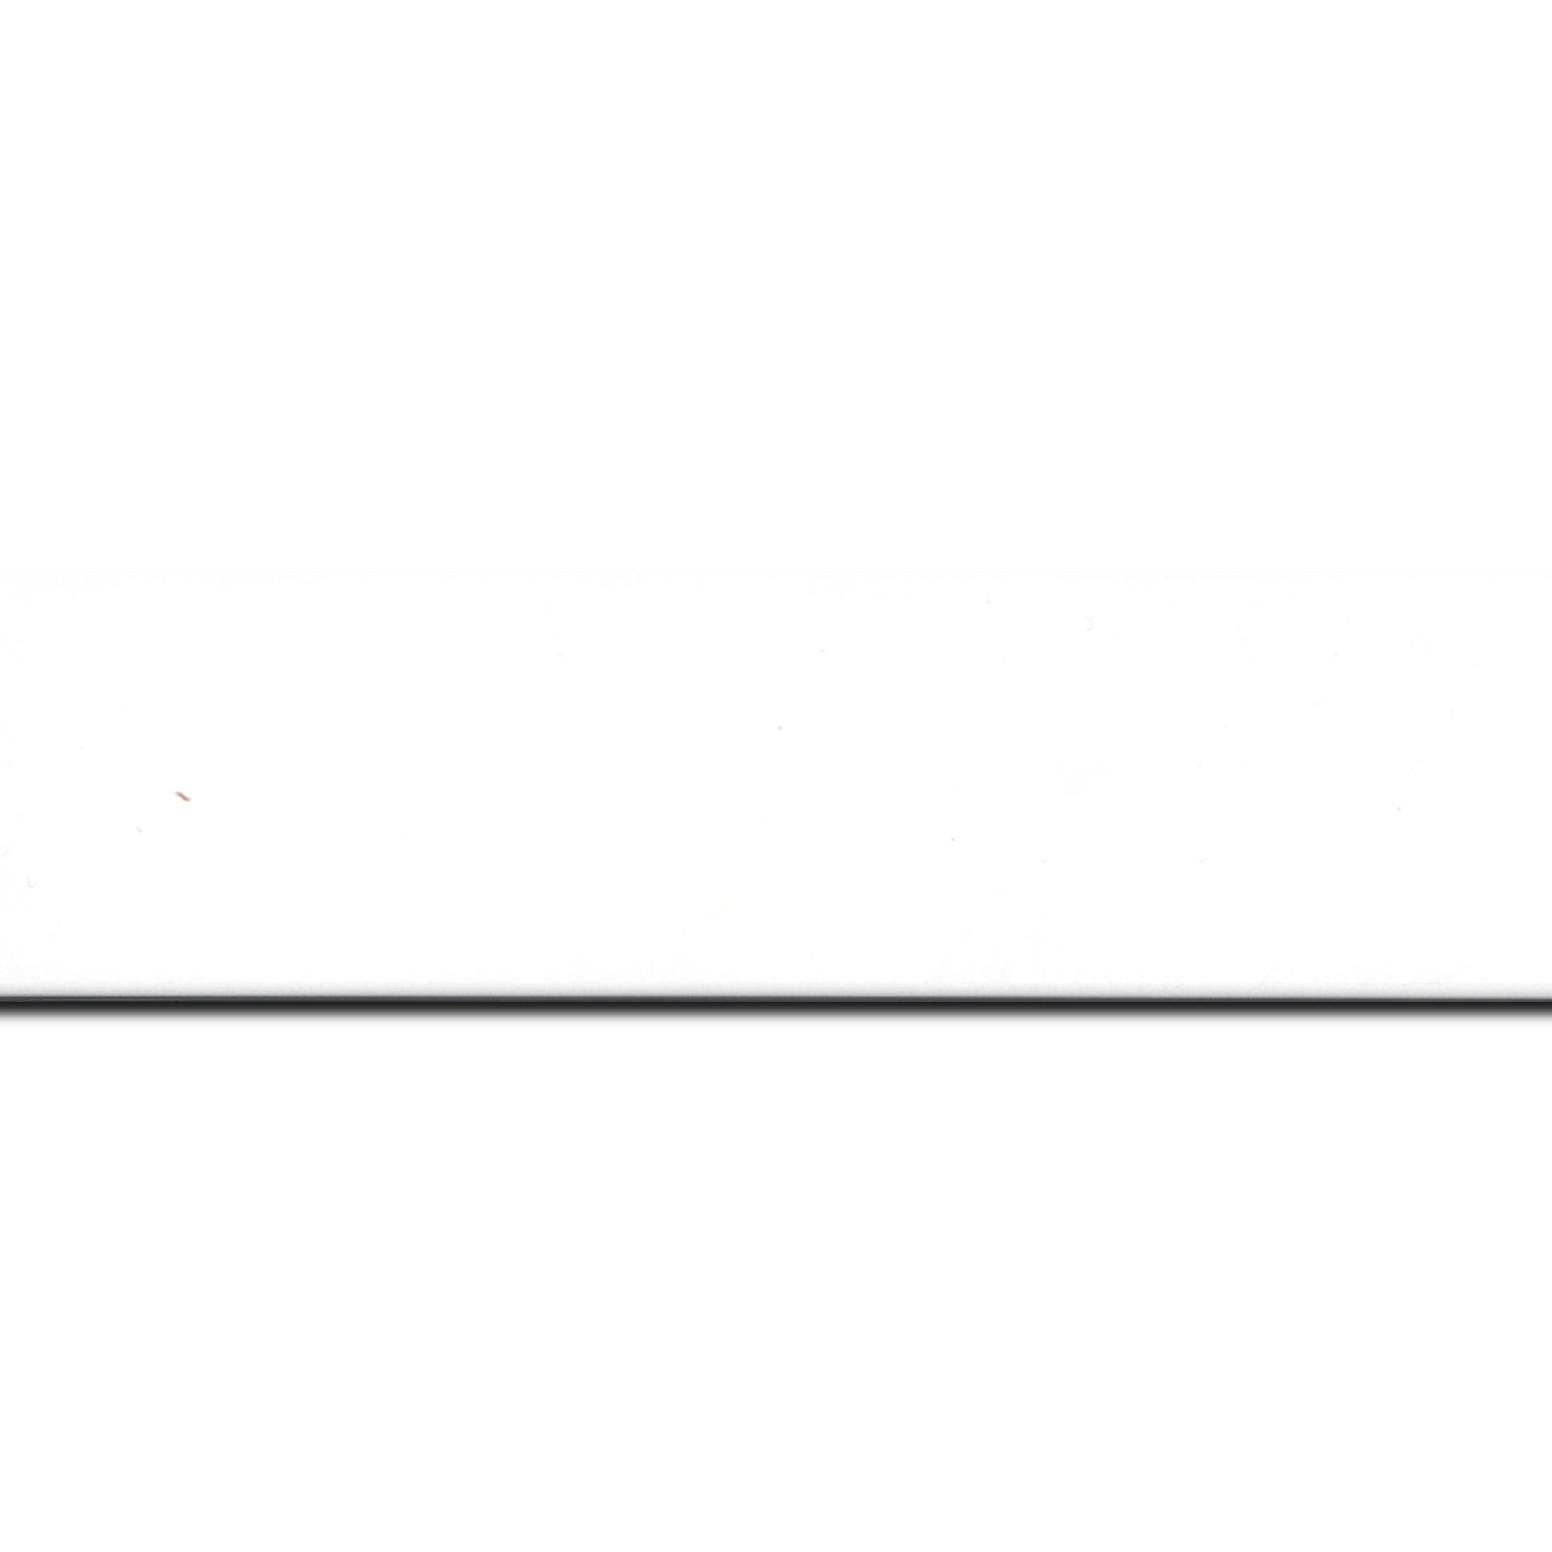 Pack par 12m, bois profil plat largeur 4.1cm couleur blanc mat finition pore bouché(longueur baguette pouvant varier entre 2.40m et 3m selon arrivage des bois)